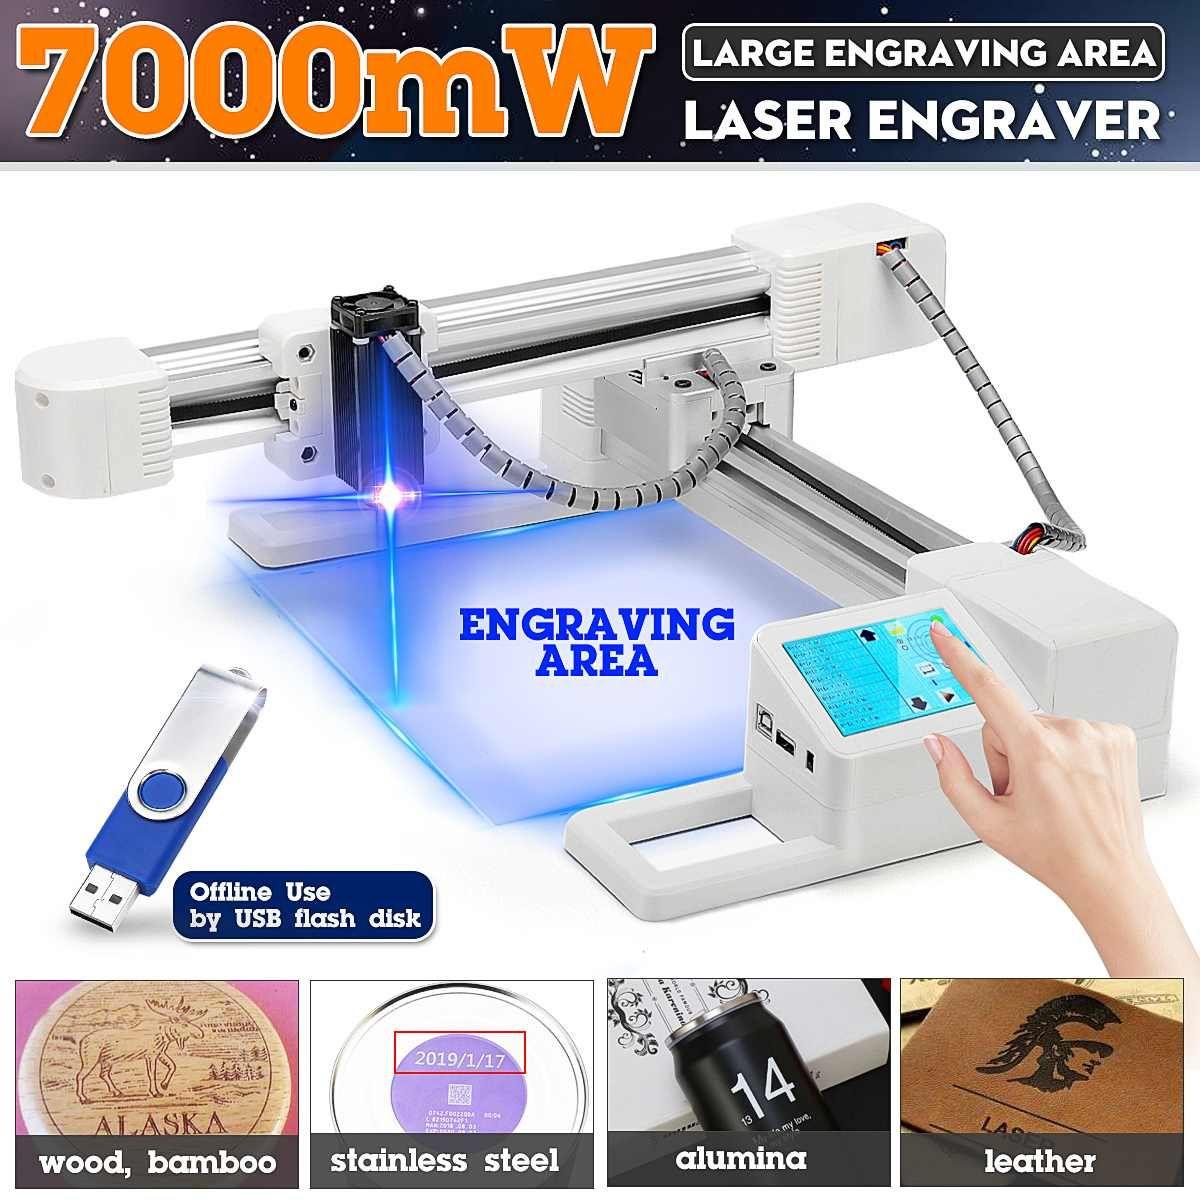 Große Gravur Bereich 7000 mW Professionelle Laser Gravur Maschine Stecher Logo Drucker Cutter + Einfache spezifikation